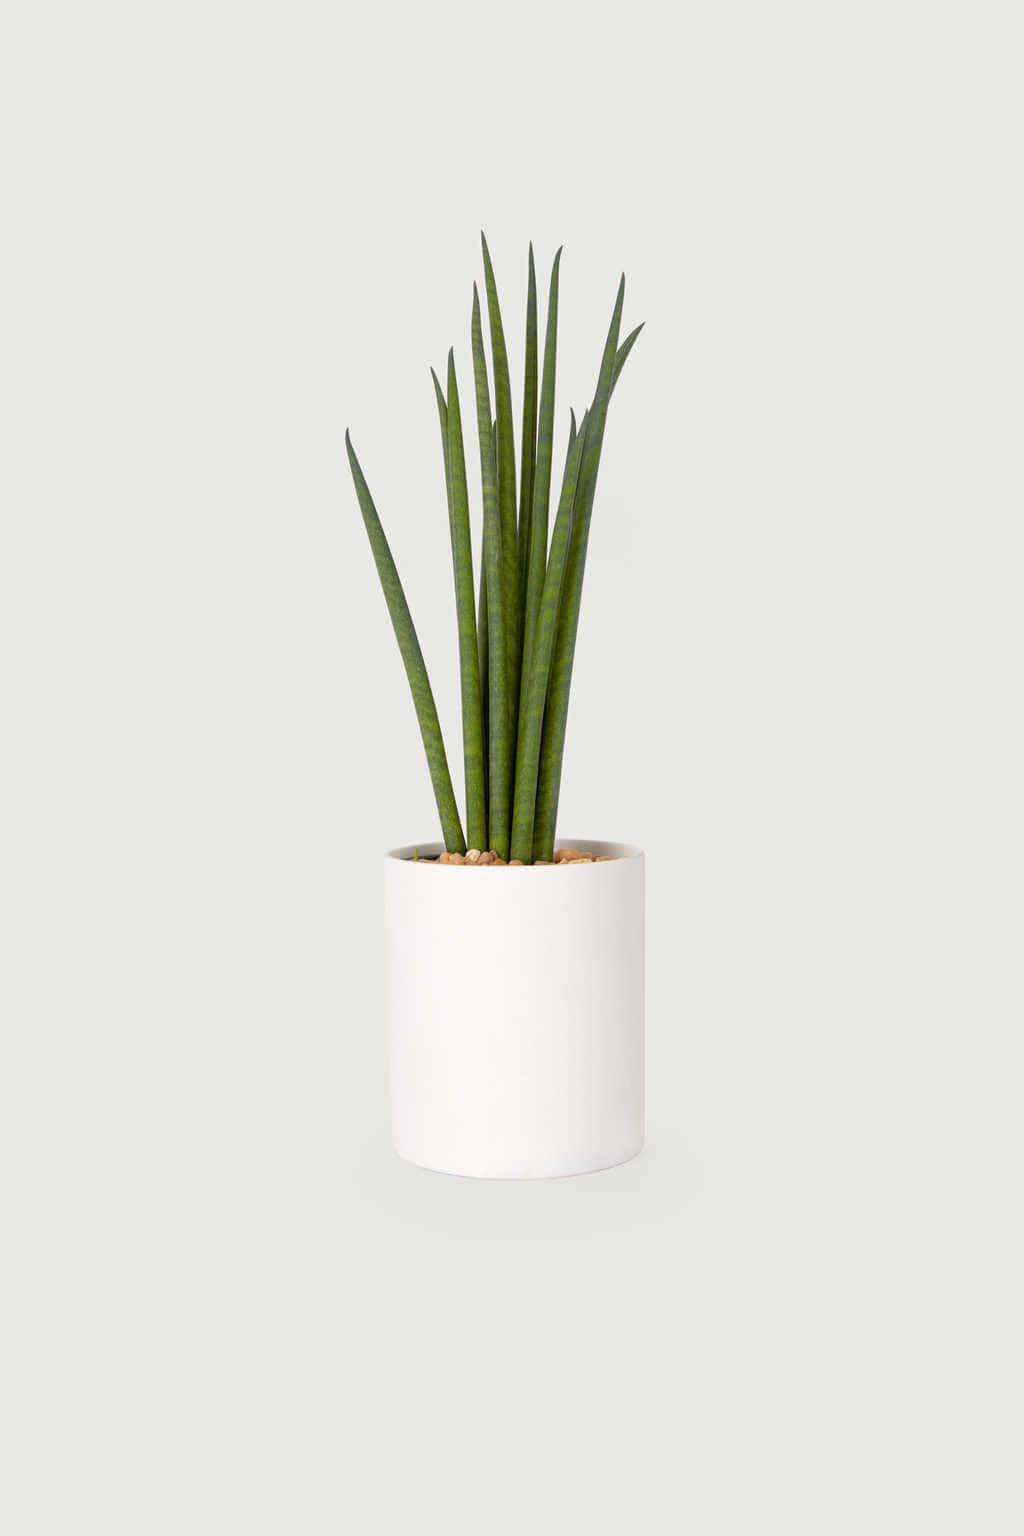 Slim Ceramic Planter 2946 White 1